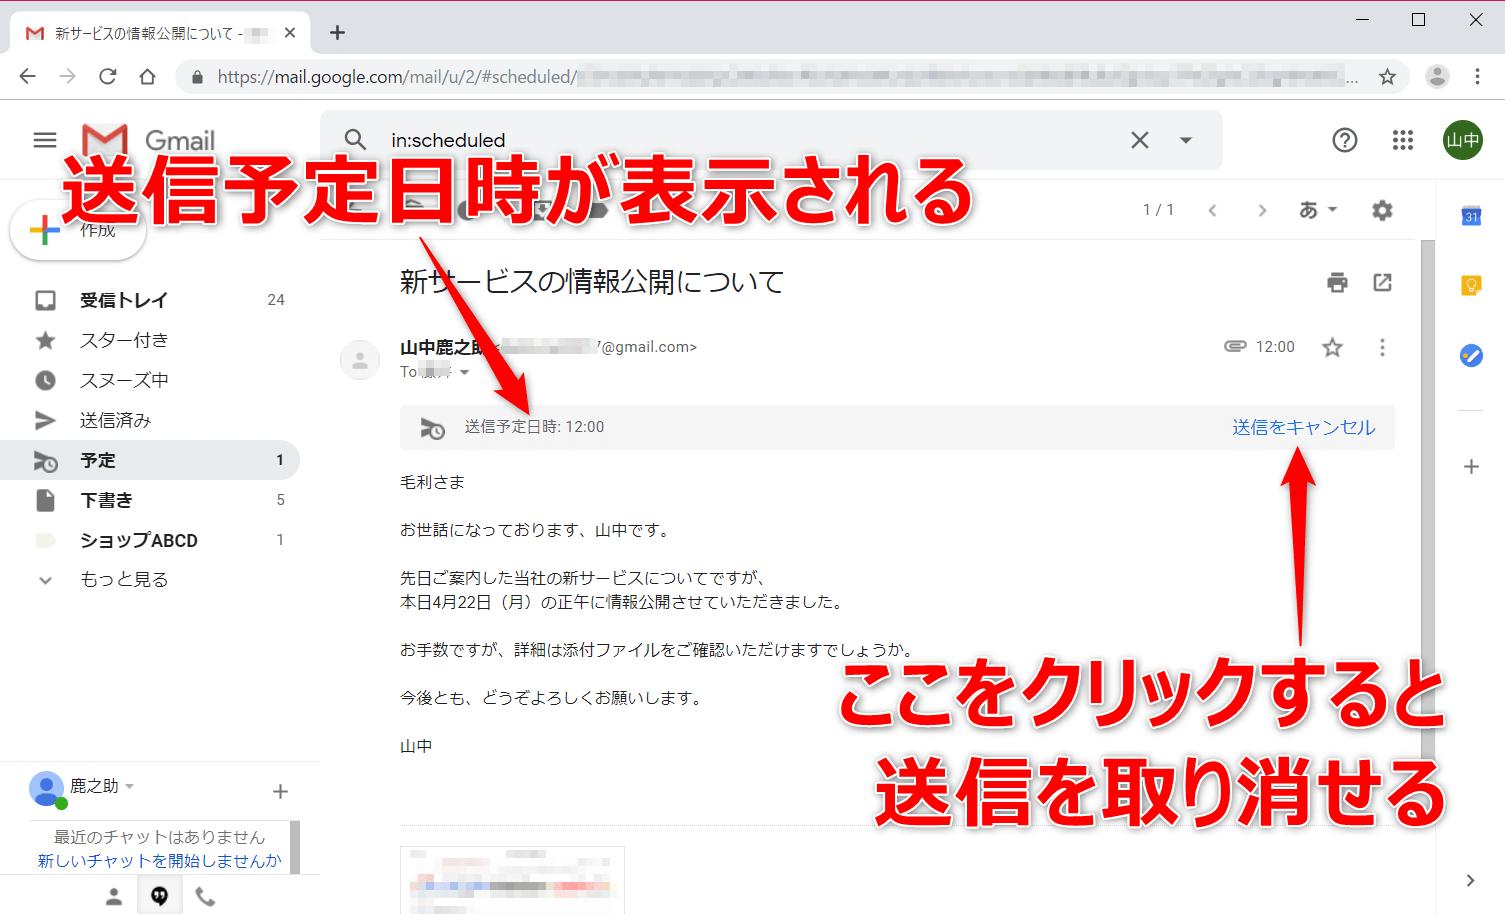 Gmail(ジーメール)の[予定]フォルダーにあるメールの内容を表示した画面